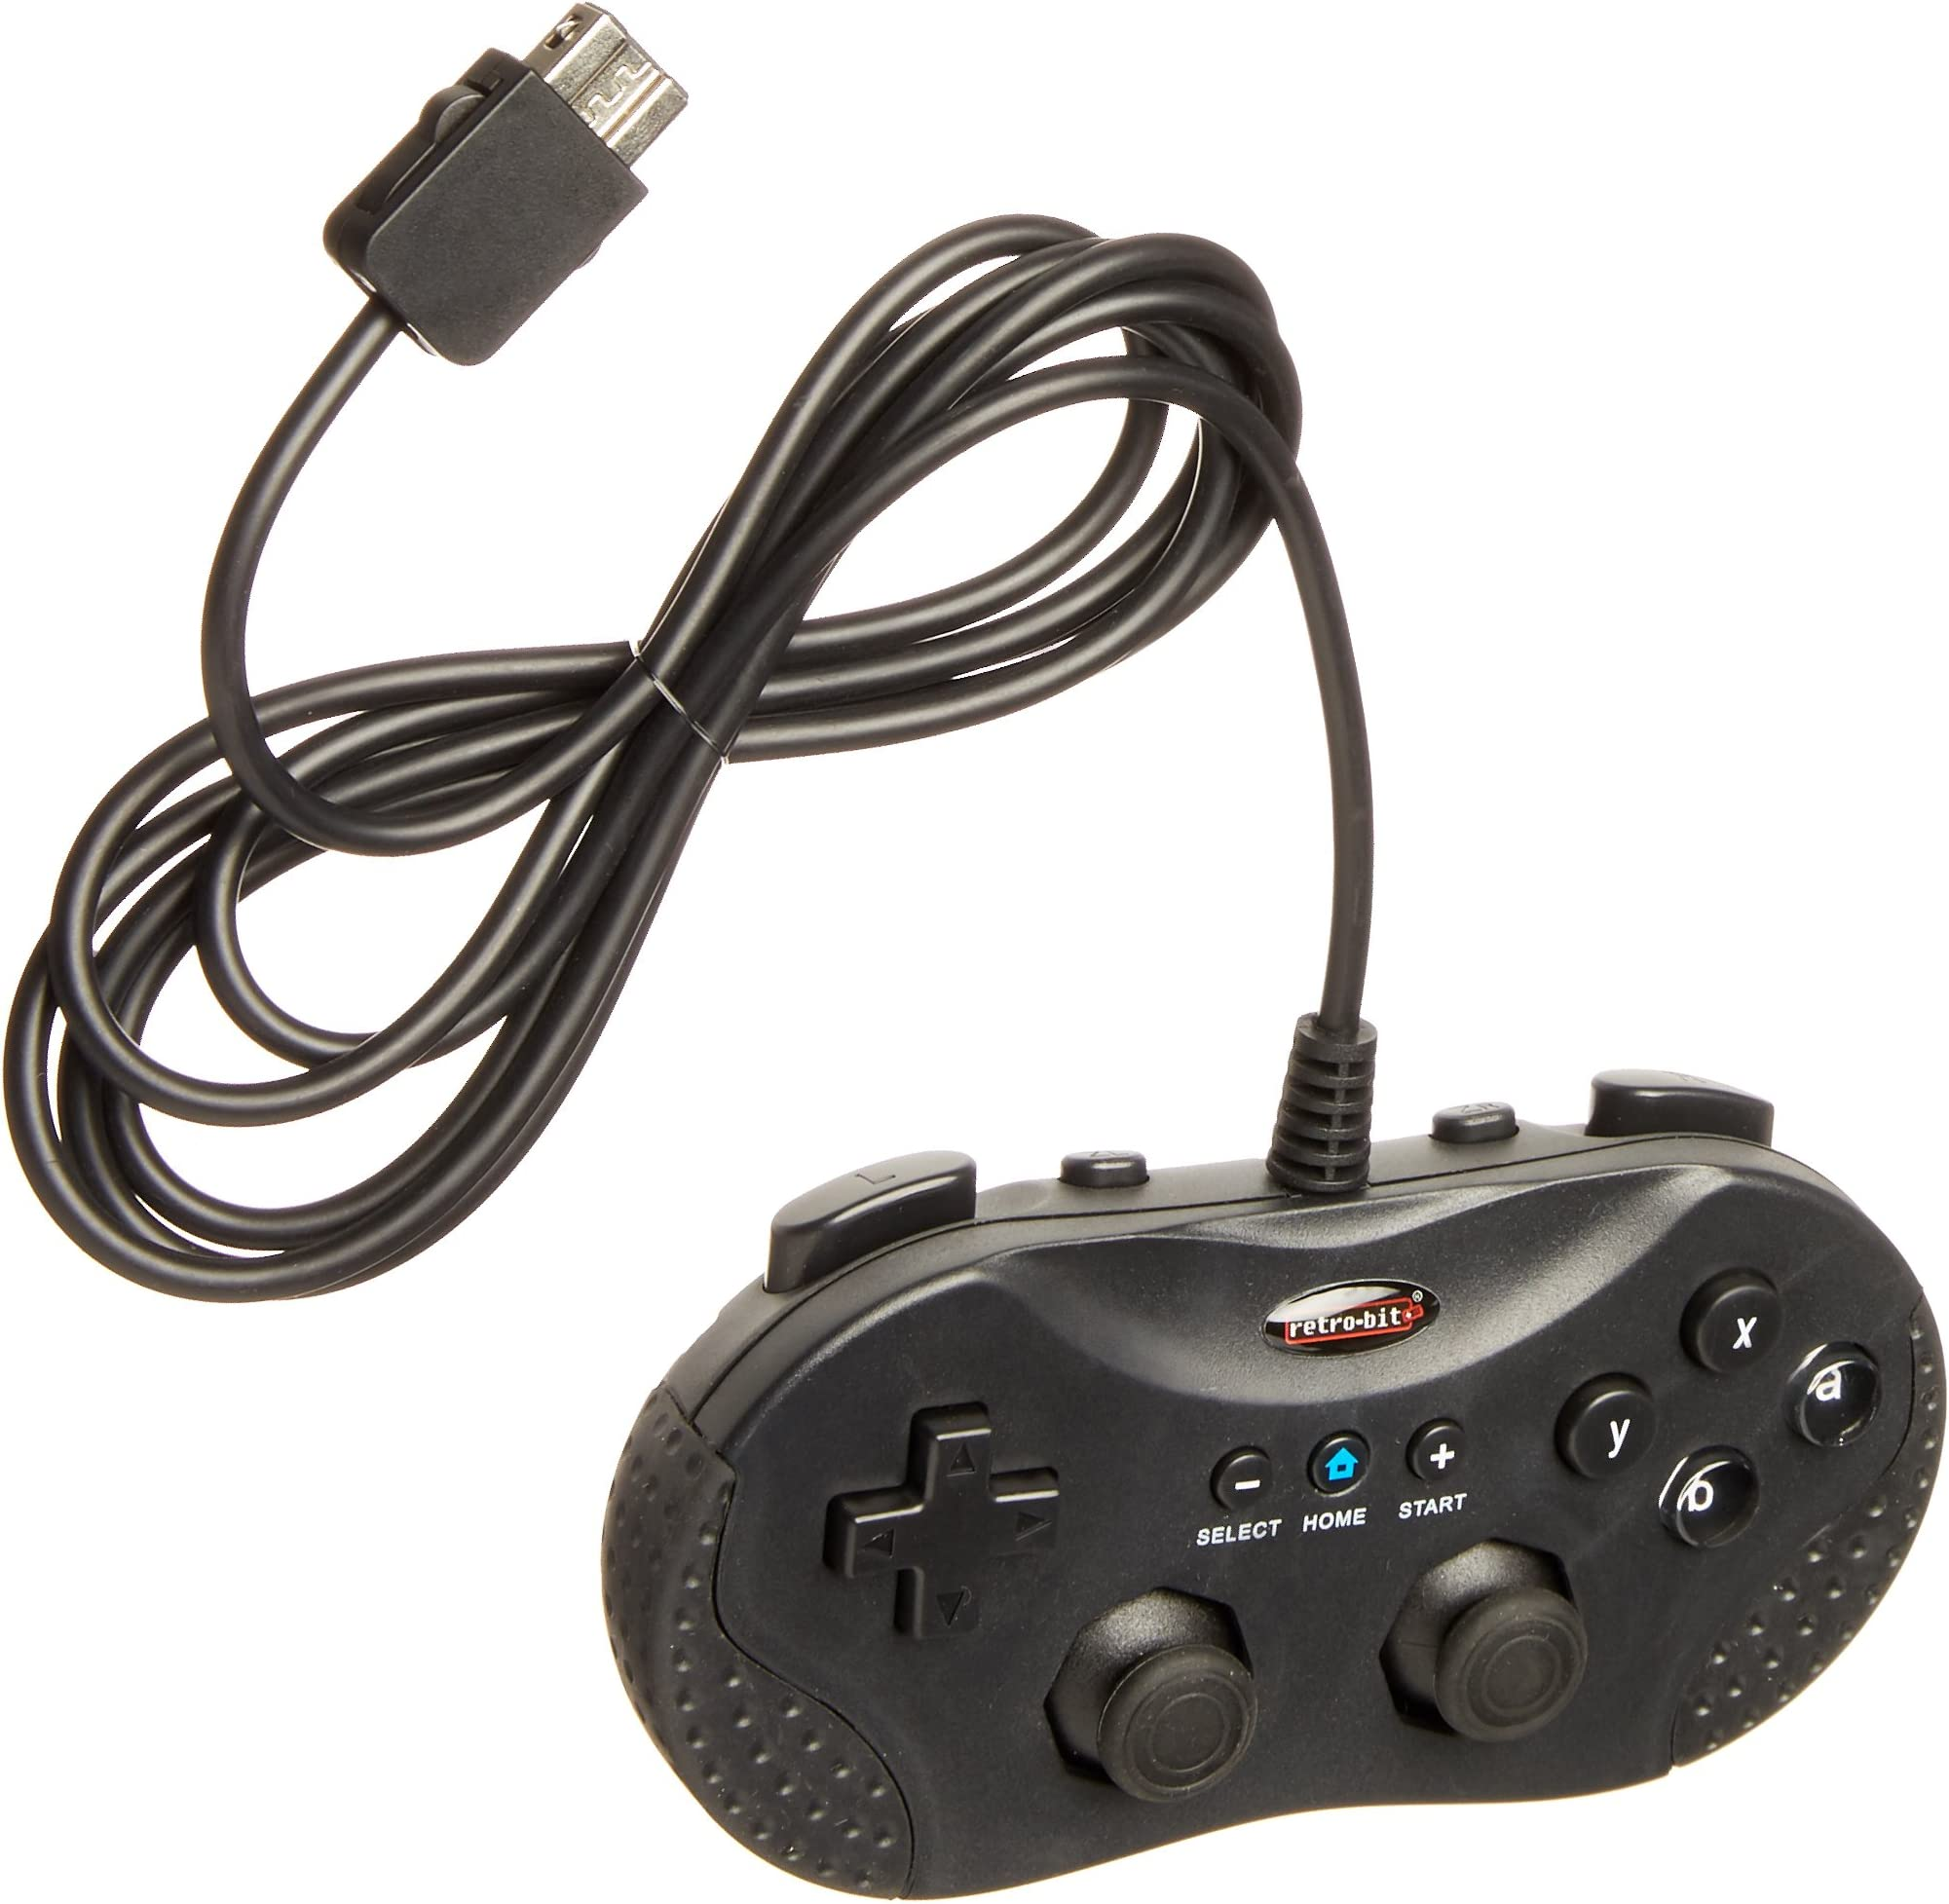 Amazon.com: Retro-Bit - Wired - Classic Controller - Black (Retro ...